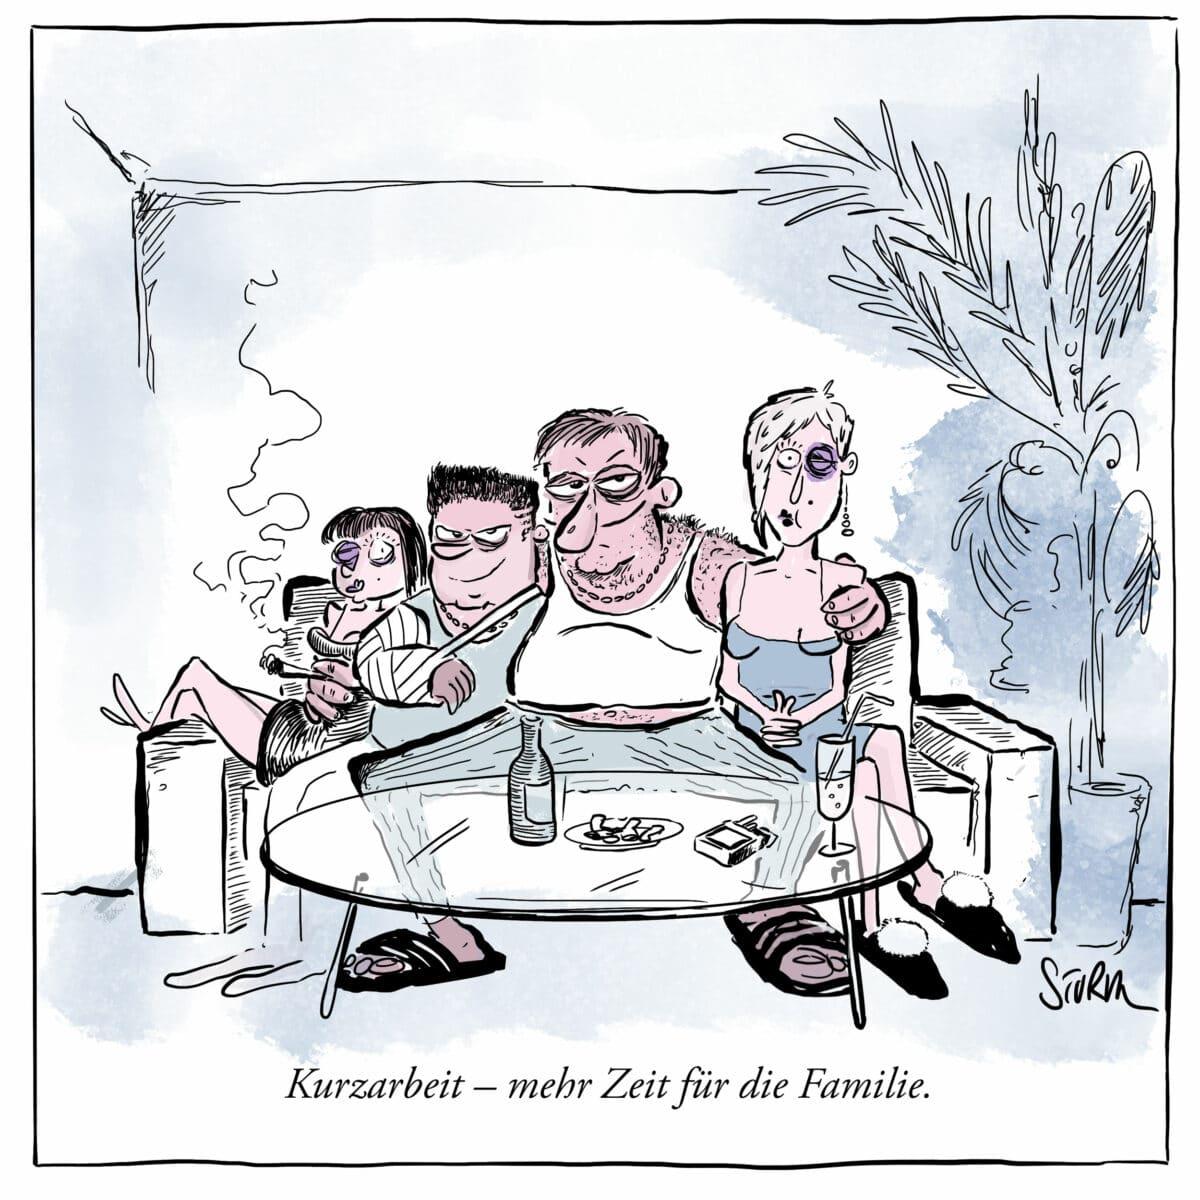 Kurzarbeit - mehr Zeit für die Familie - Cartoon von Philipp Sturm